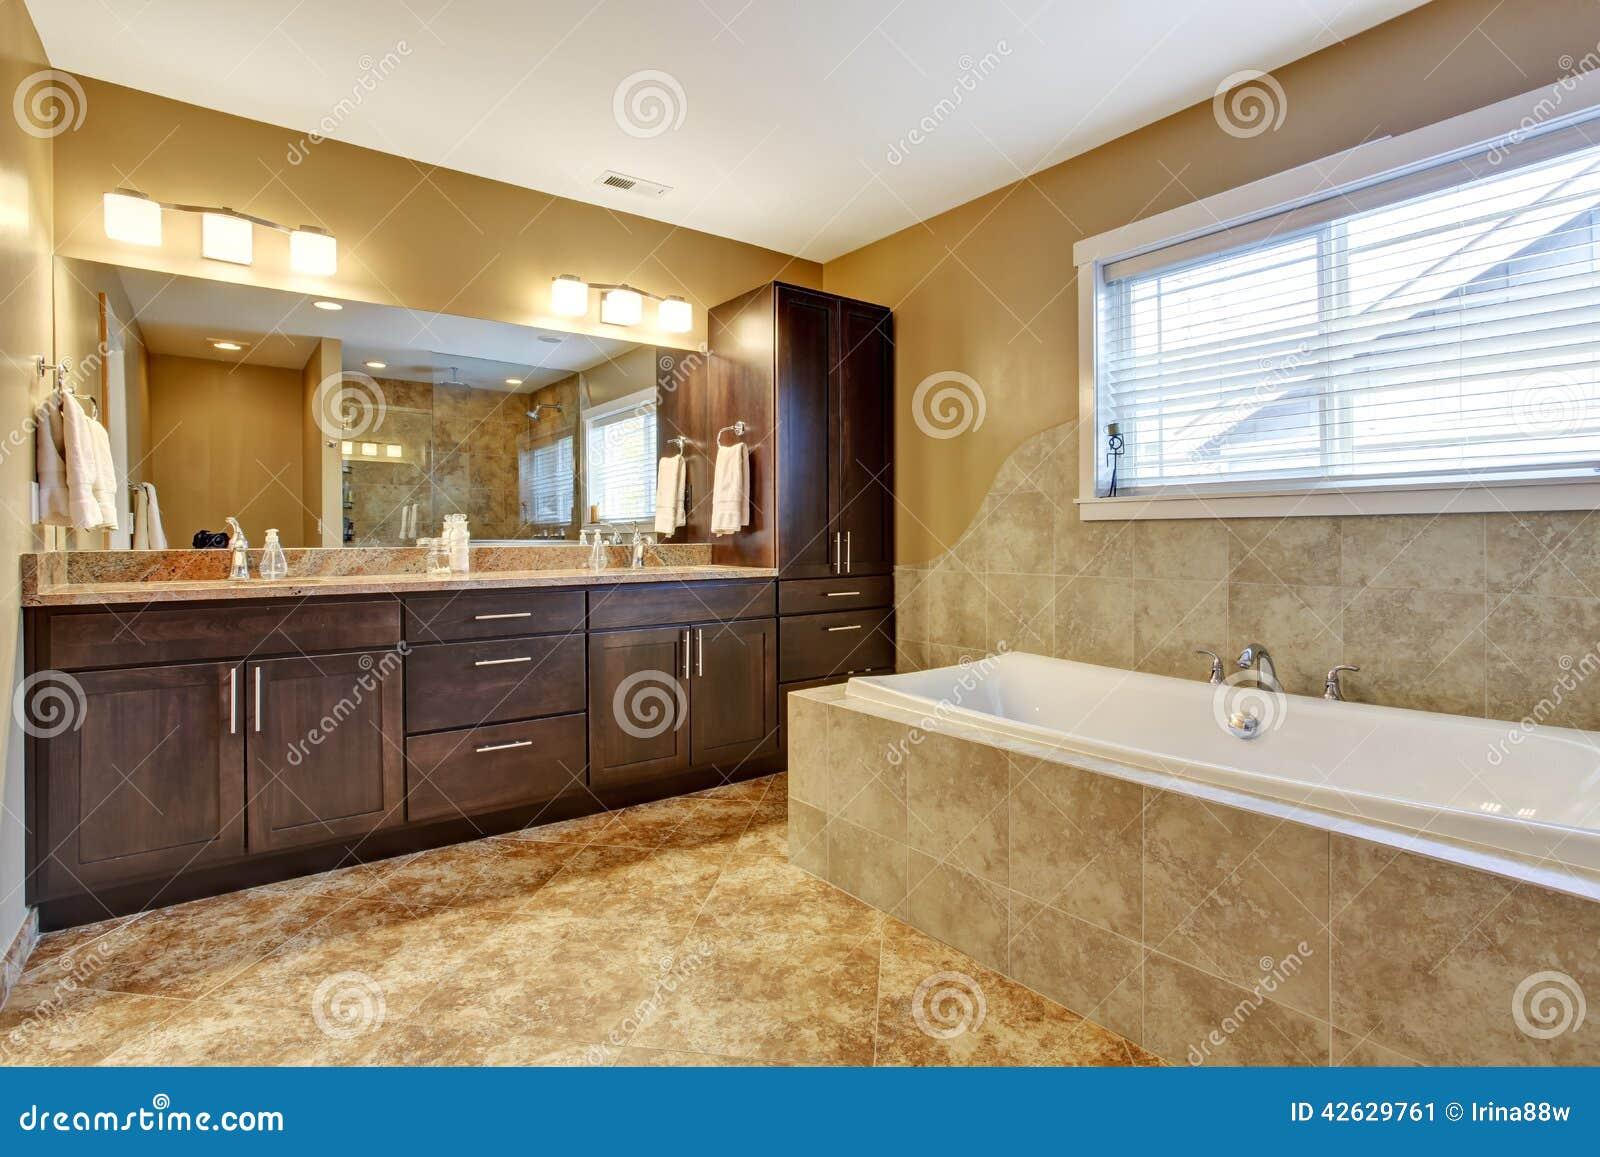 Bagno Marrone Moderno : Interno moderno del bagno con i gabinetti di marrone scuro